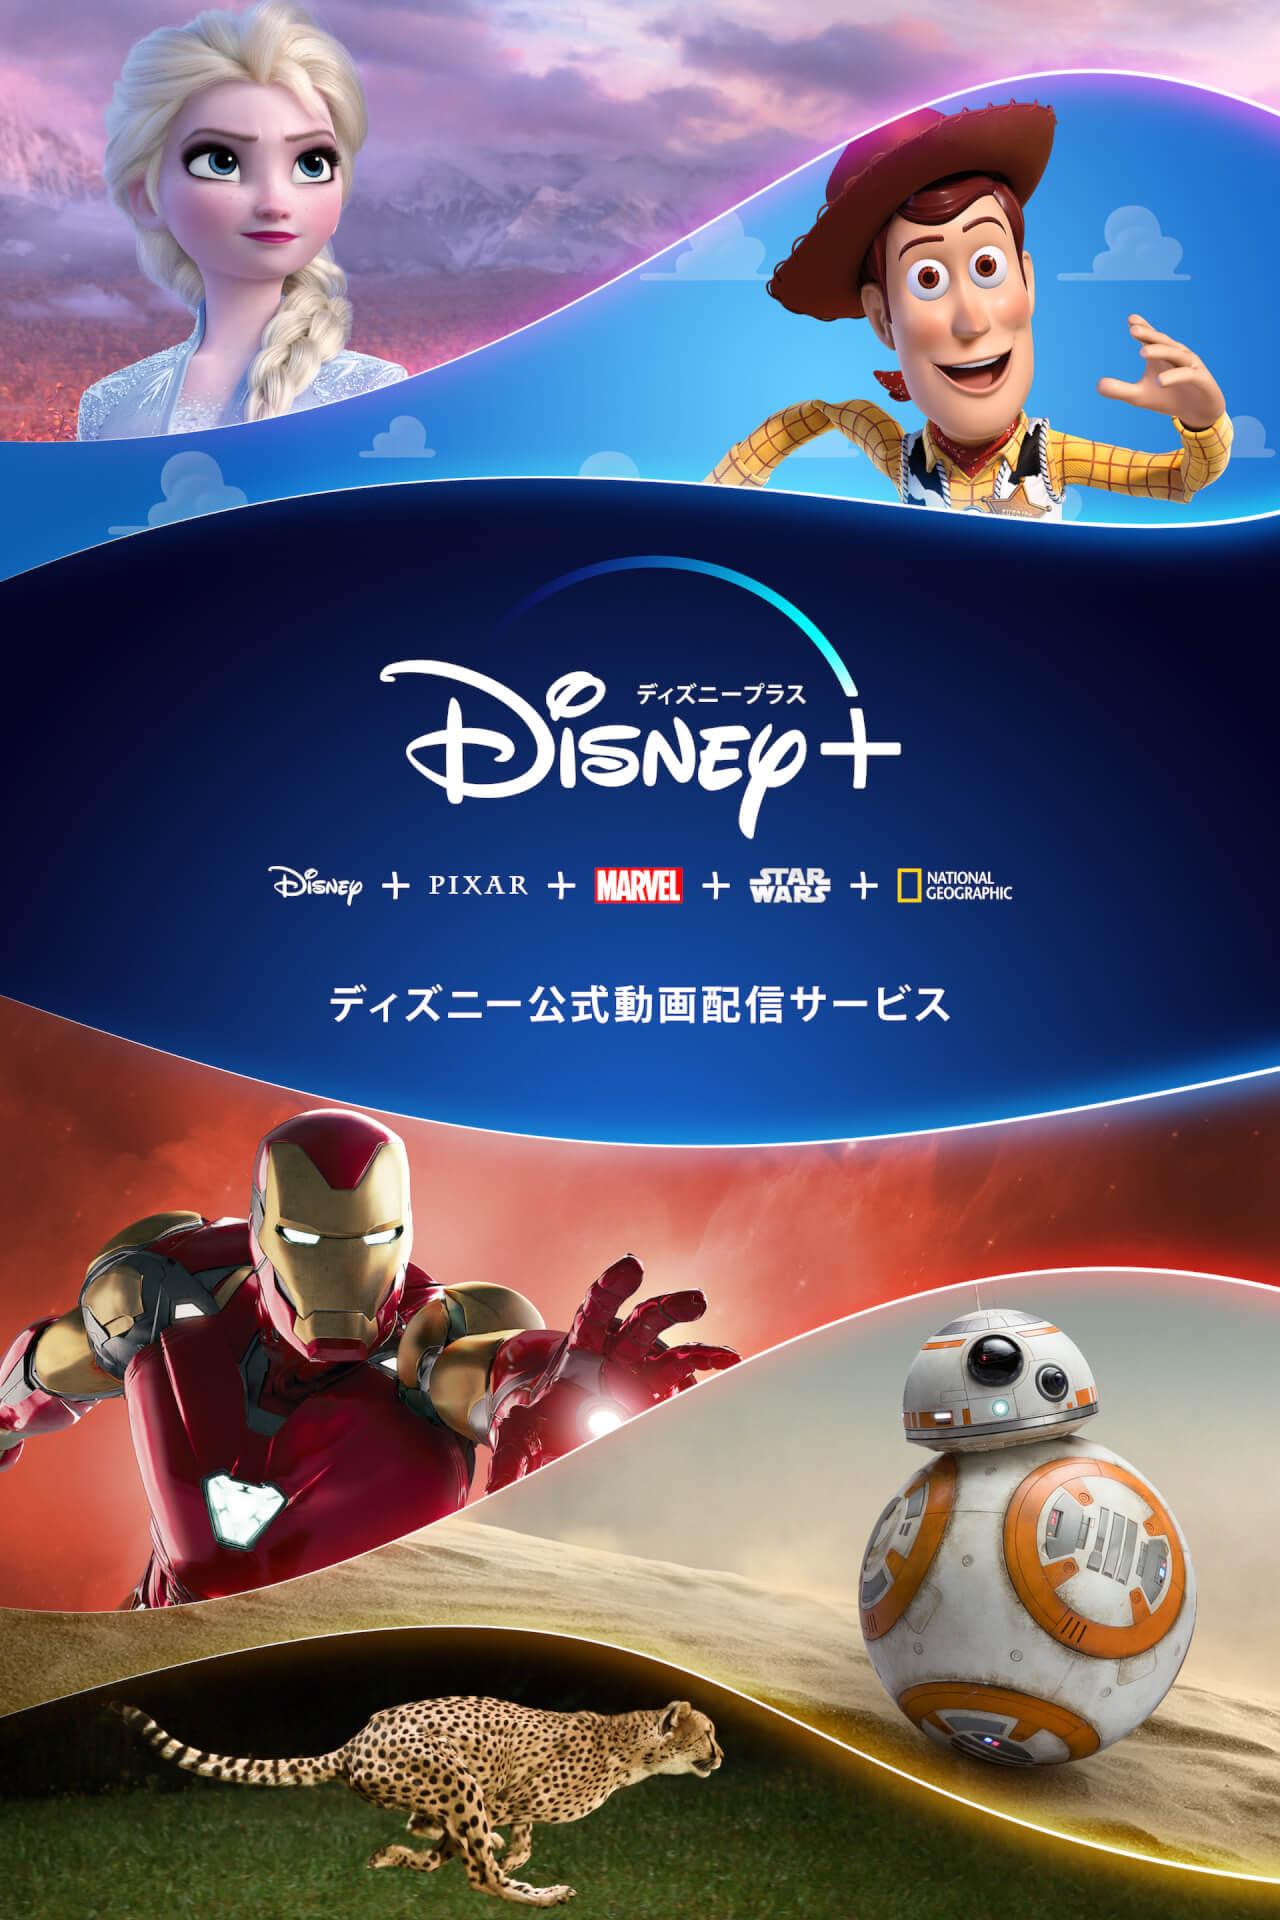 ディズニーの動画配信サービスDisney+、ついに日本に上陸!6月11日にサービススタート film200528_disneyplus_main